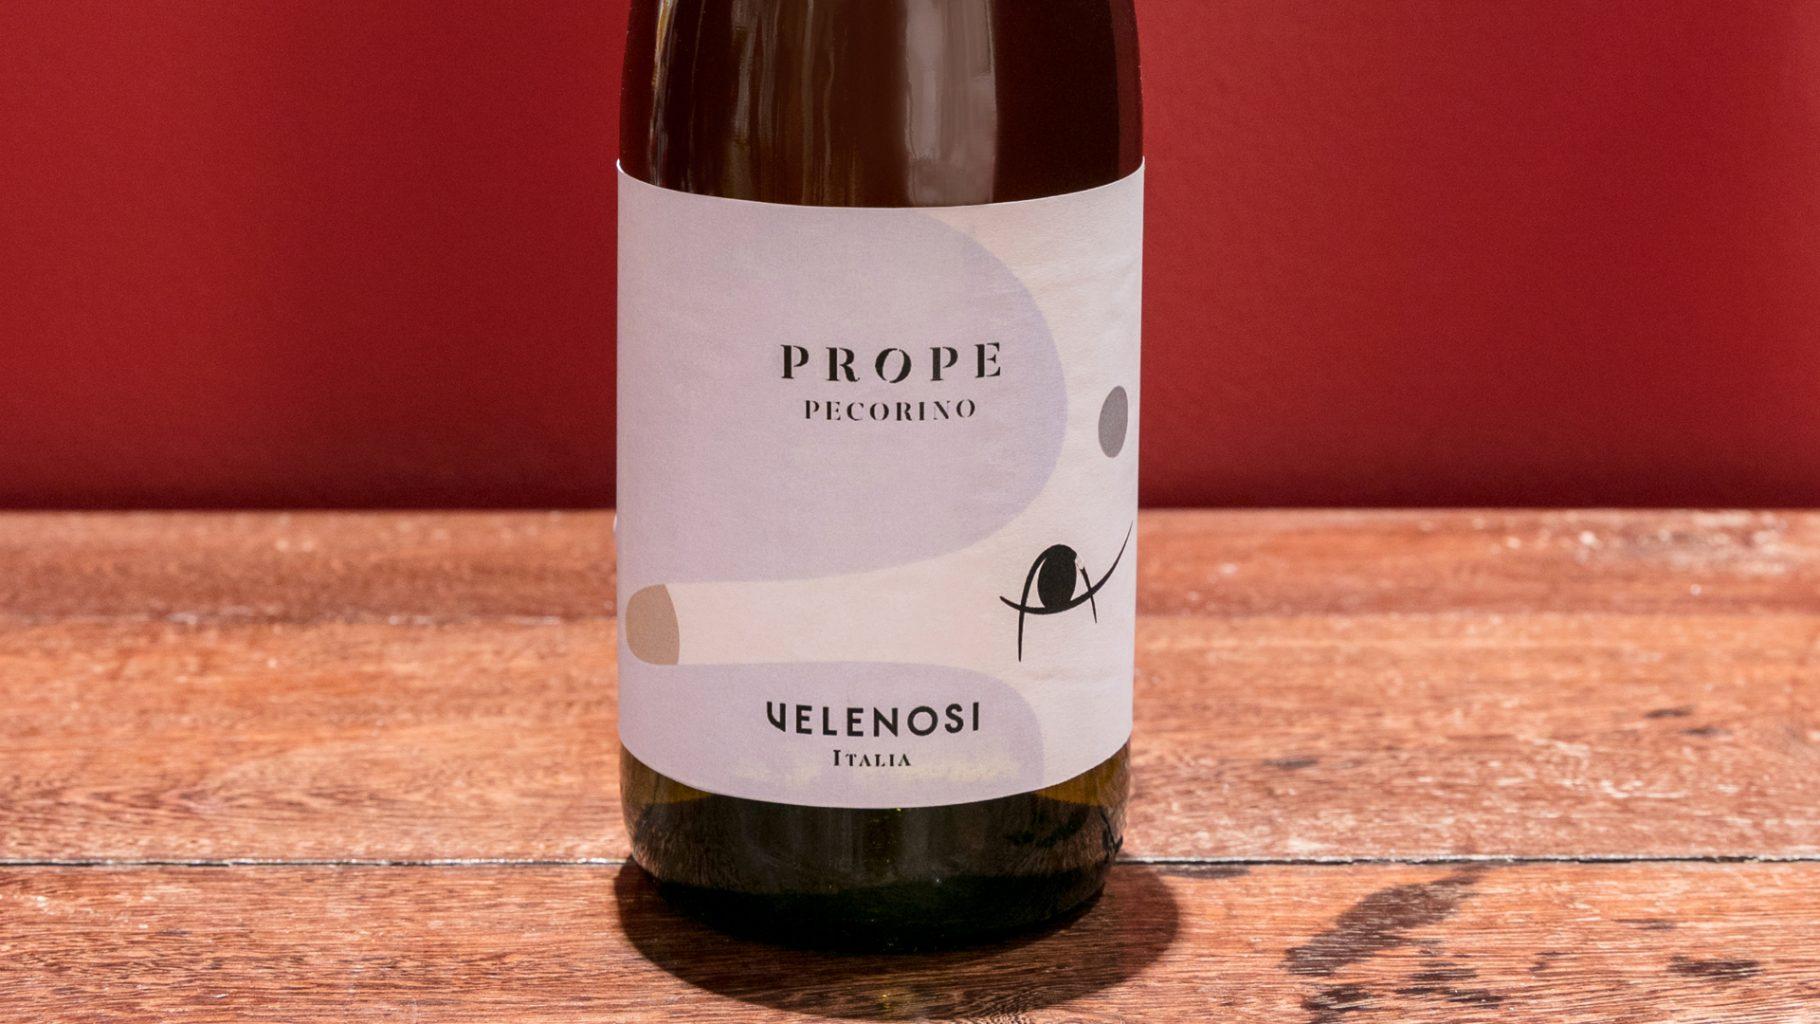 Vini Prope di Velenosi